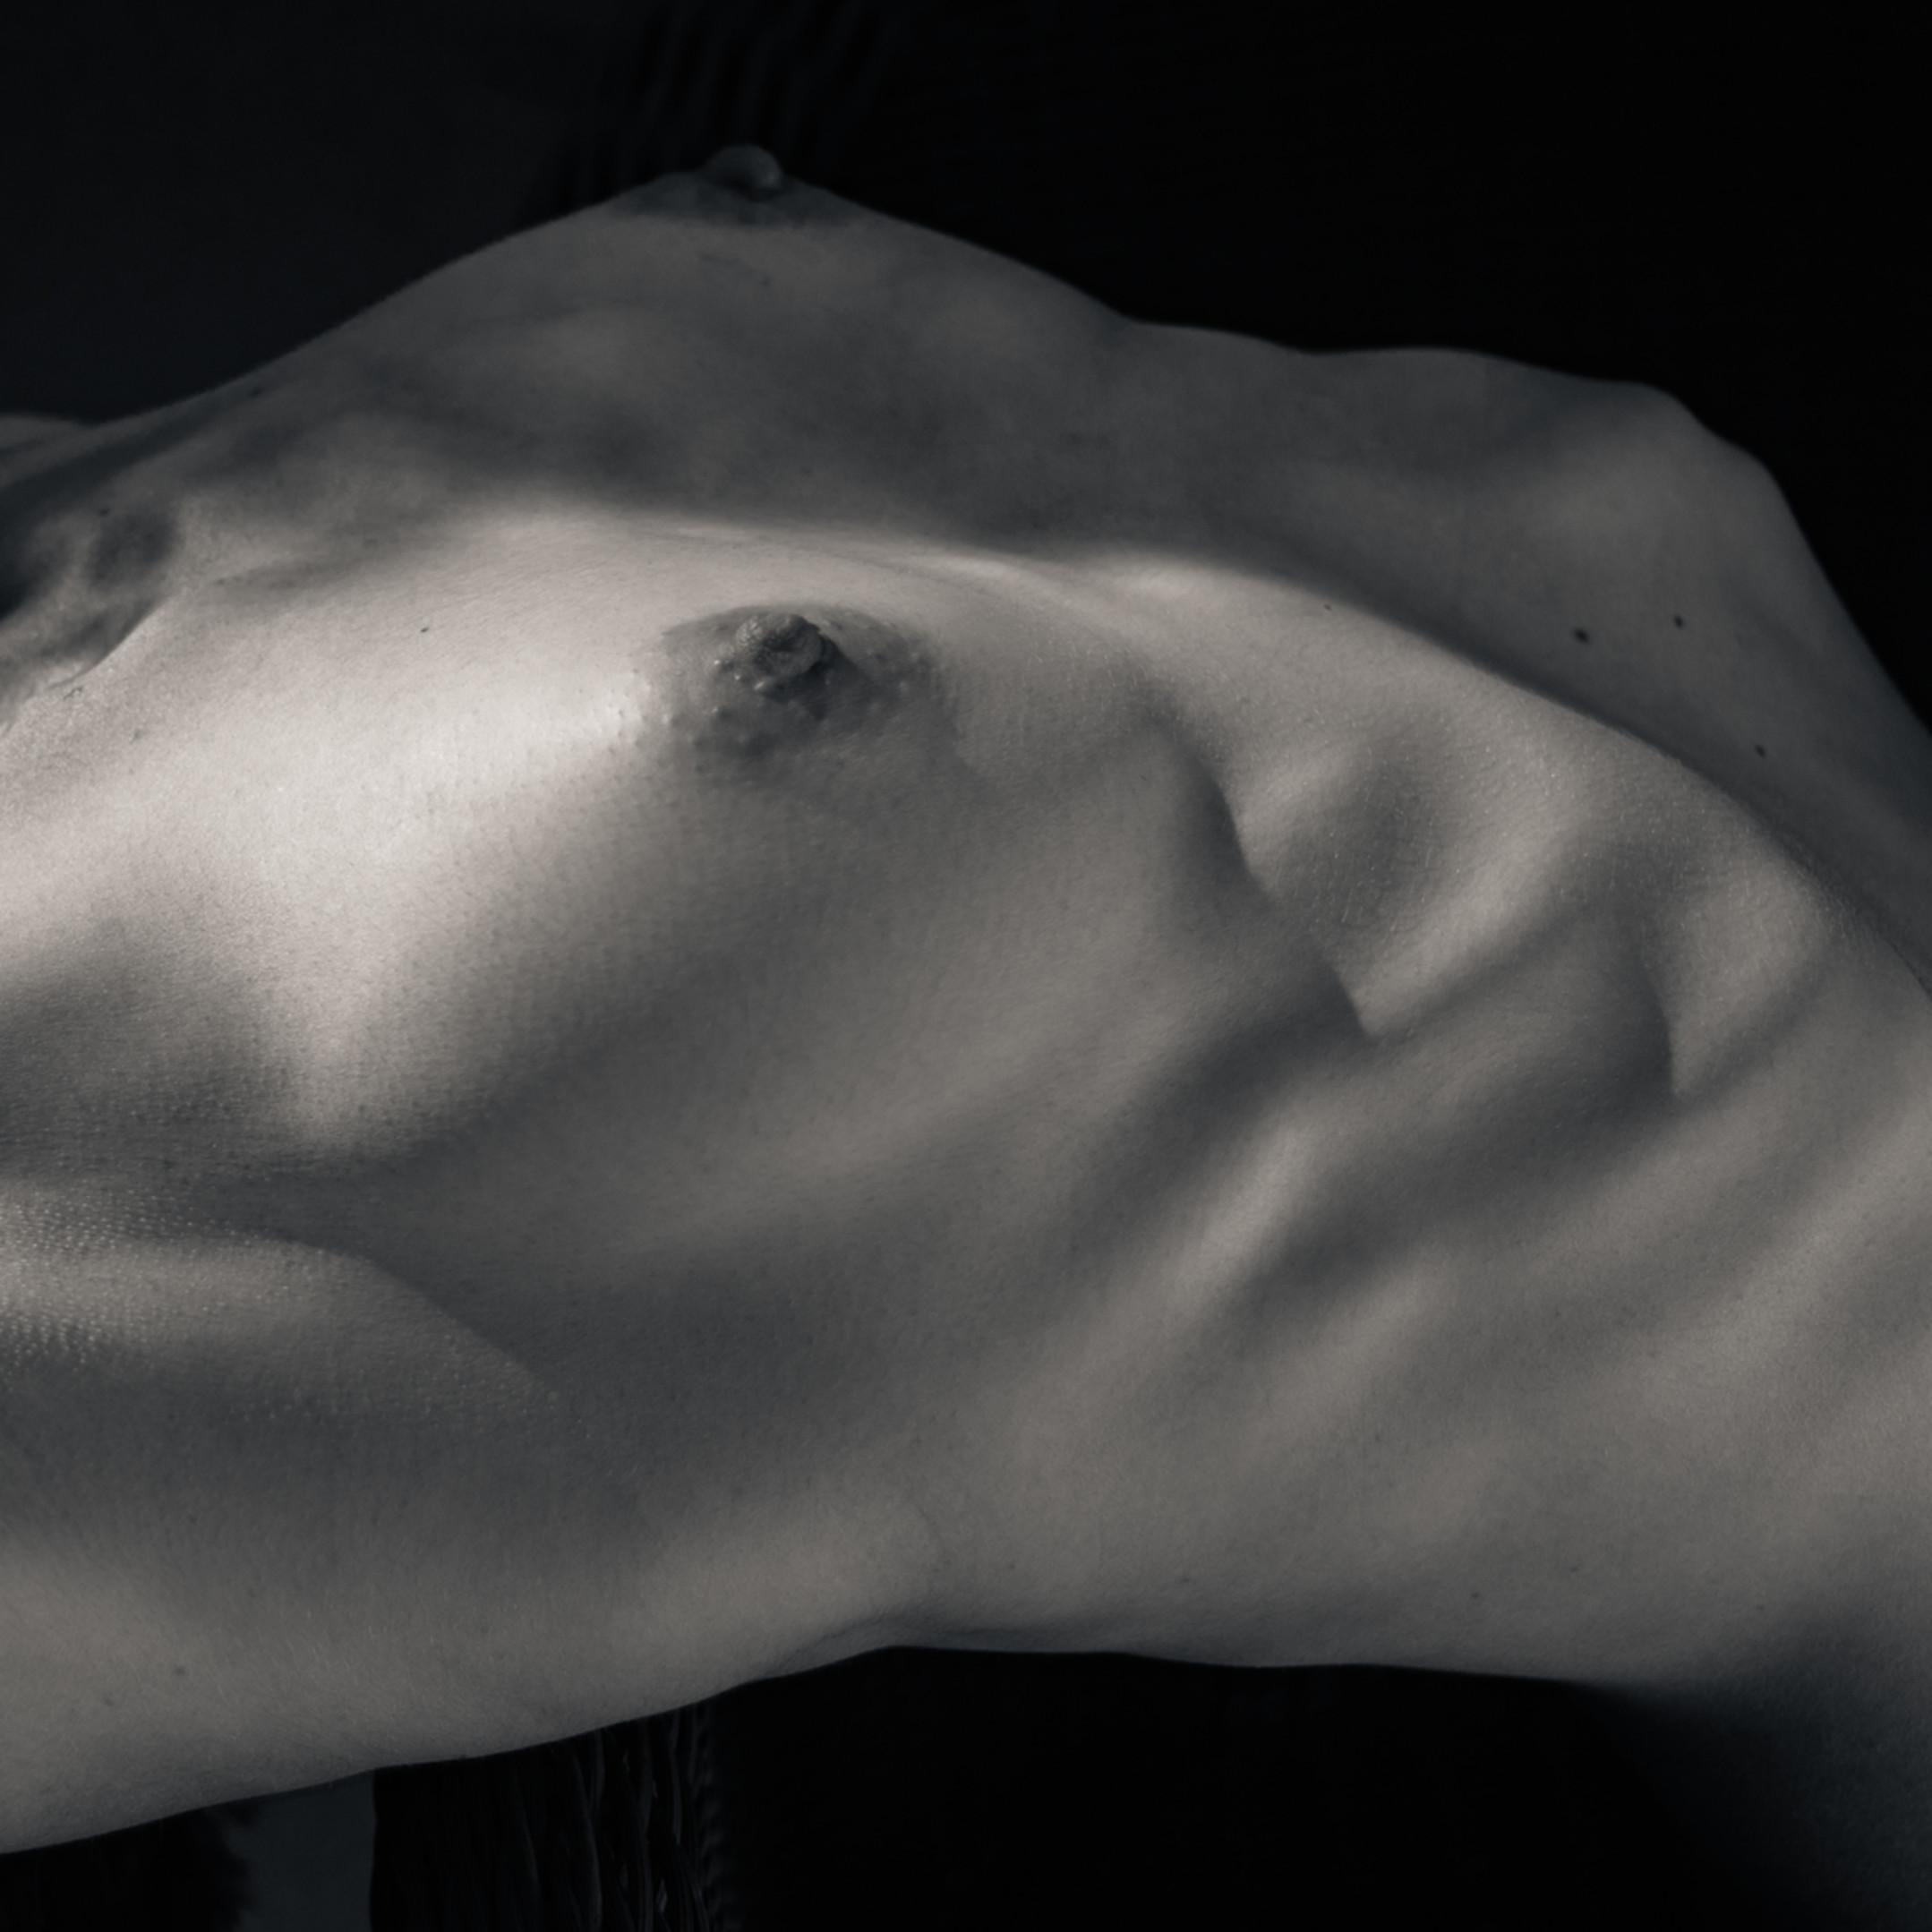 Arched torso hv7ebn